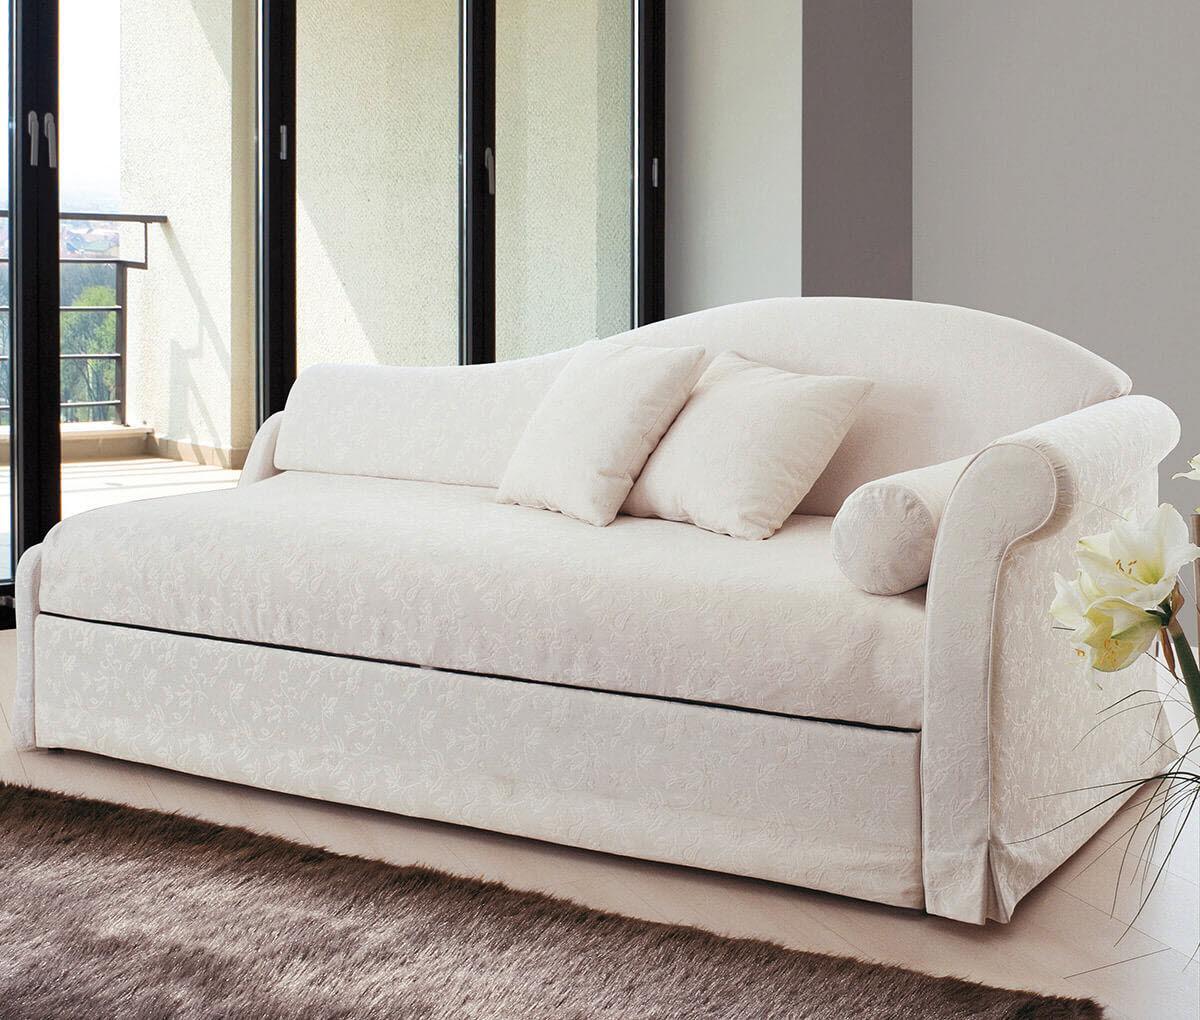 canape lit classique en velours avec lit gigogne